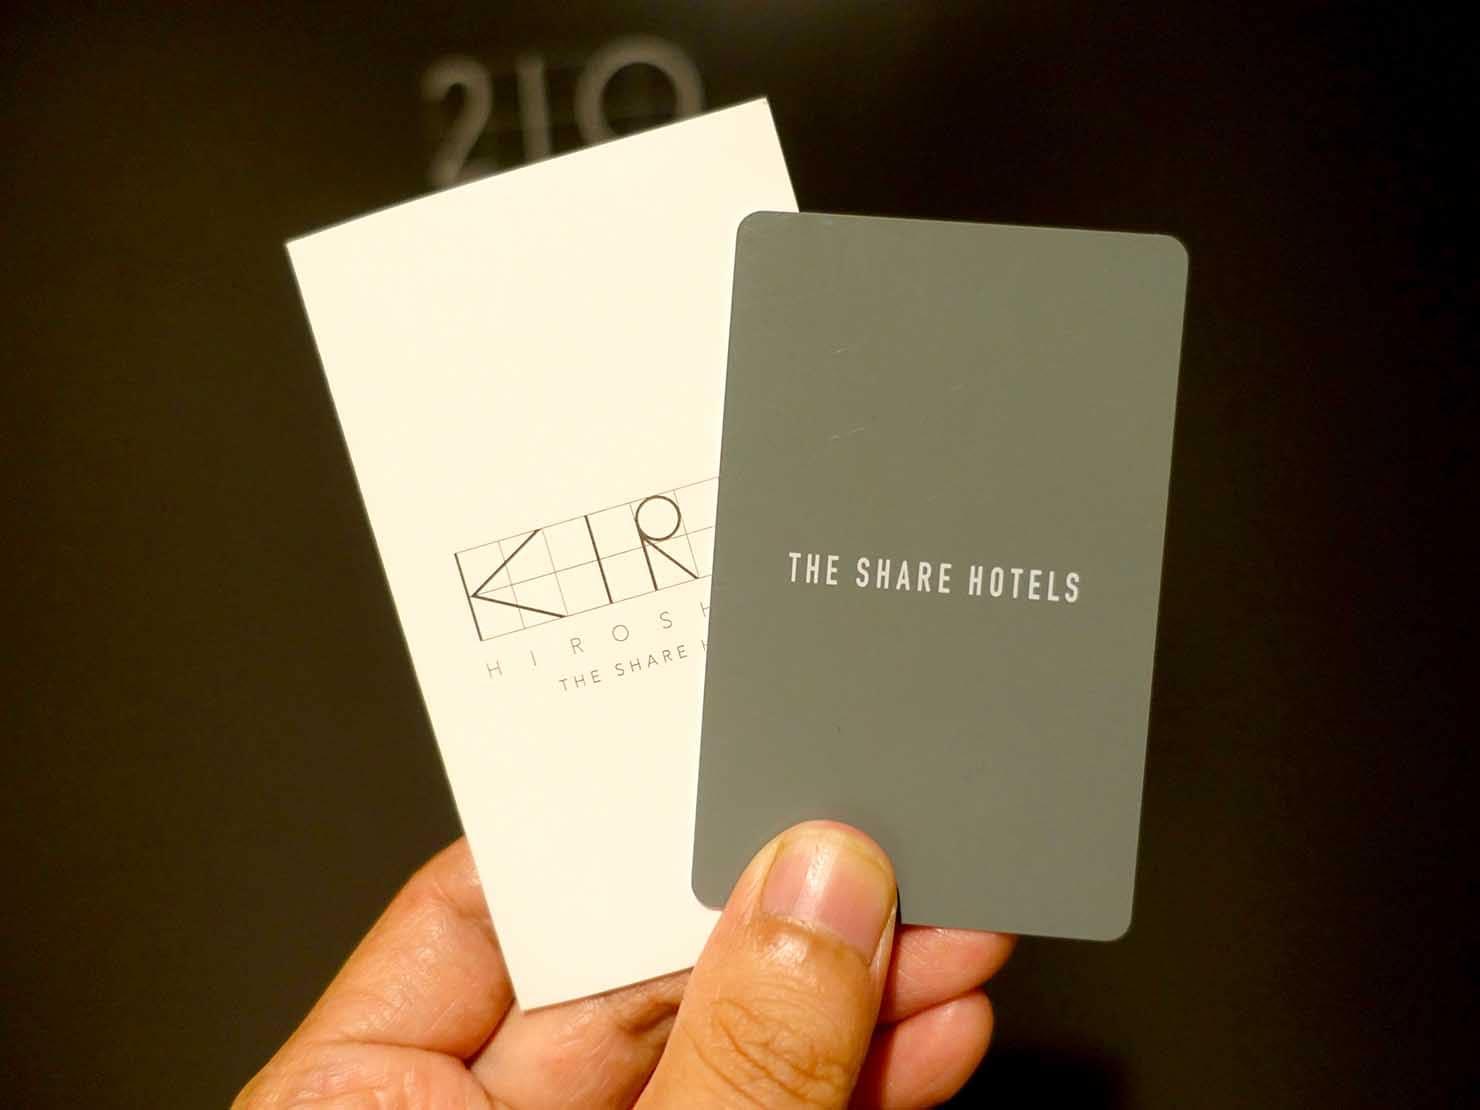 広島・八丁堀のおしゃれなリノベホテル「KIRO広島 The Share Hotels」のカードキー